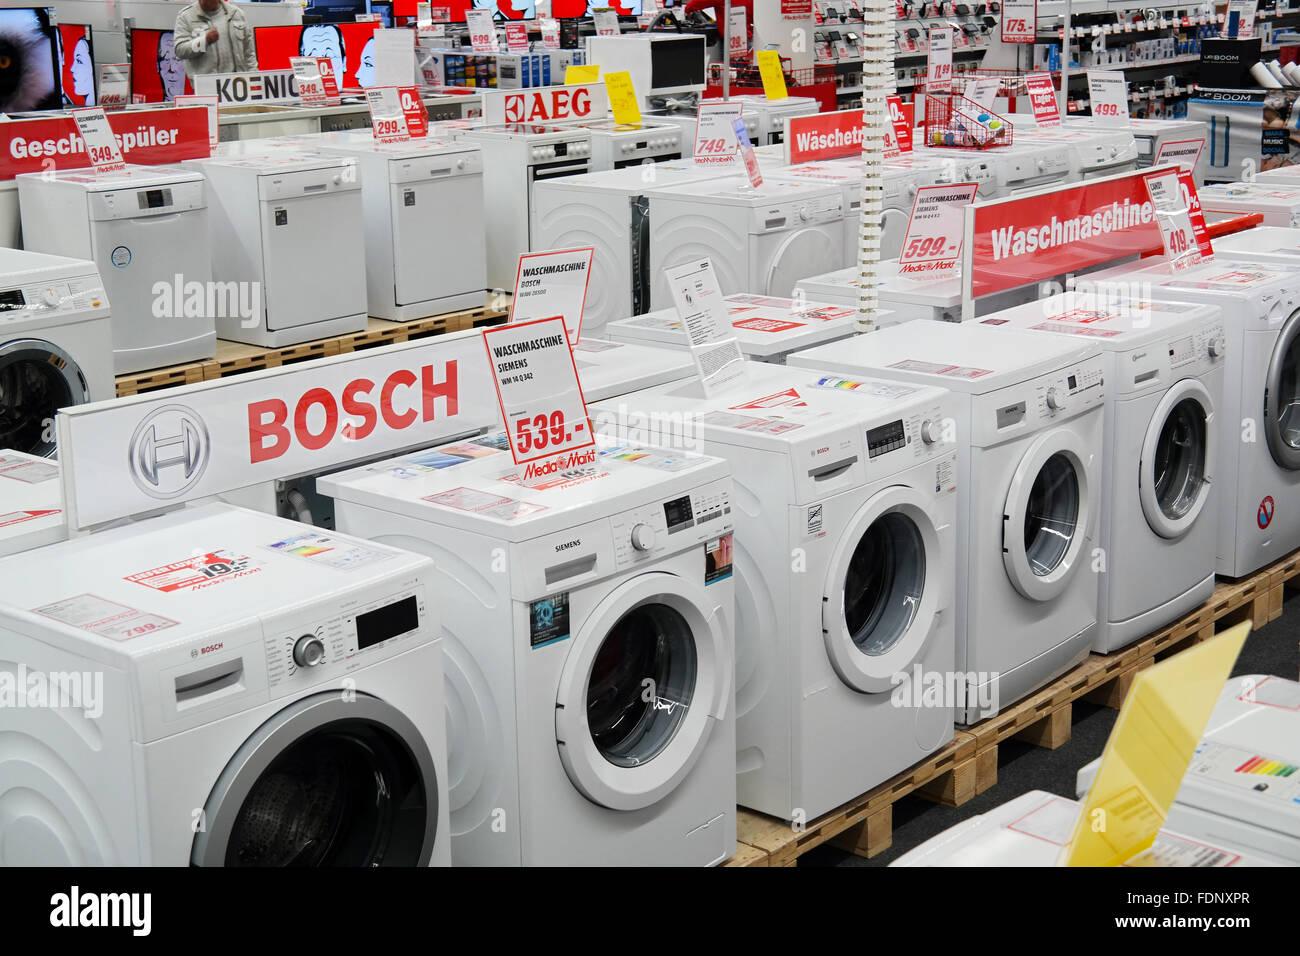 MediaMarkt Speichern Waschmaschinen SB Warenhaus Der Haushalts Und Elektronische Gerate Stockbild